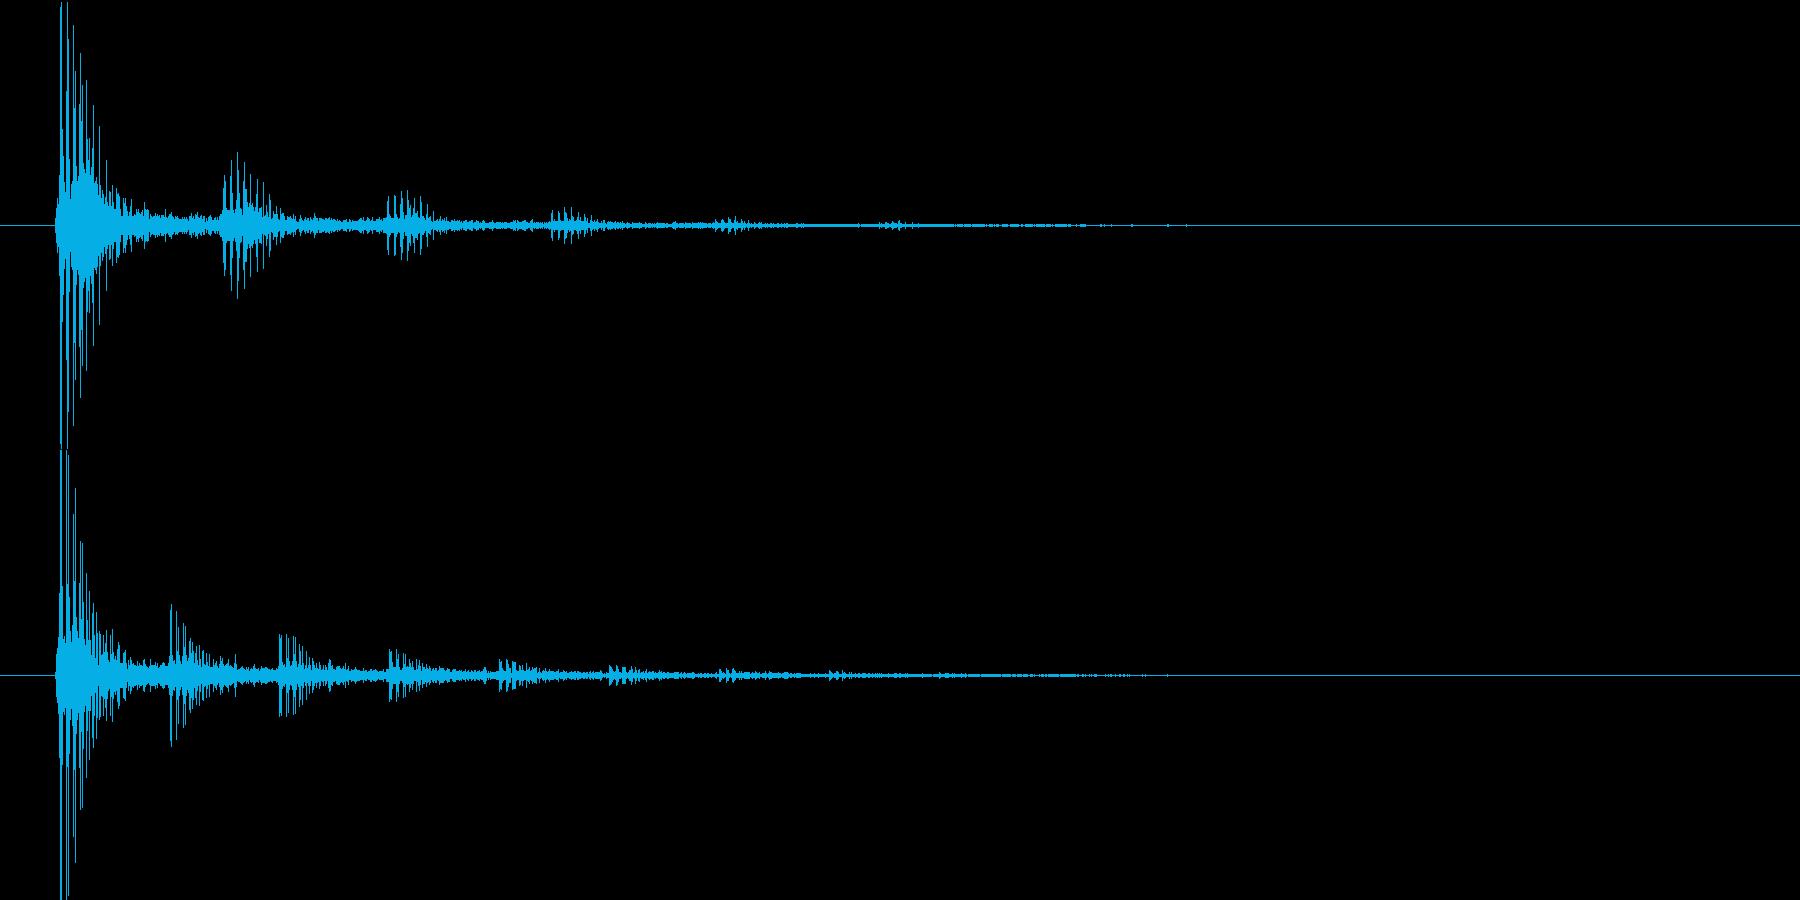 ビョンビョン(宇宙船内の音)の再生済みの波形